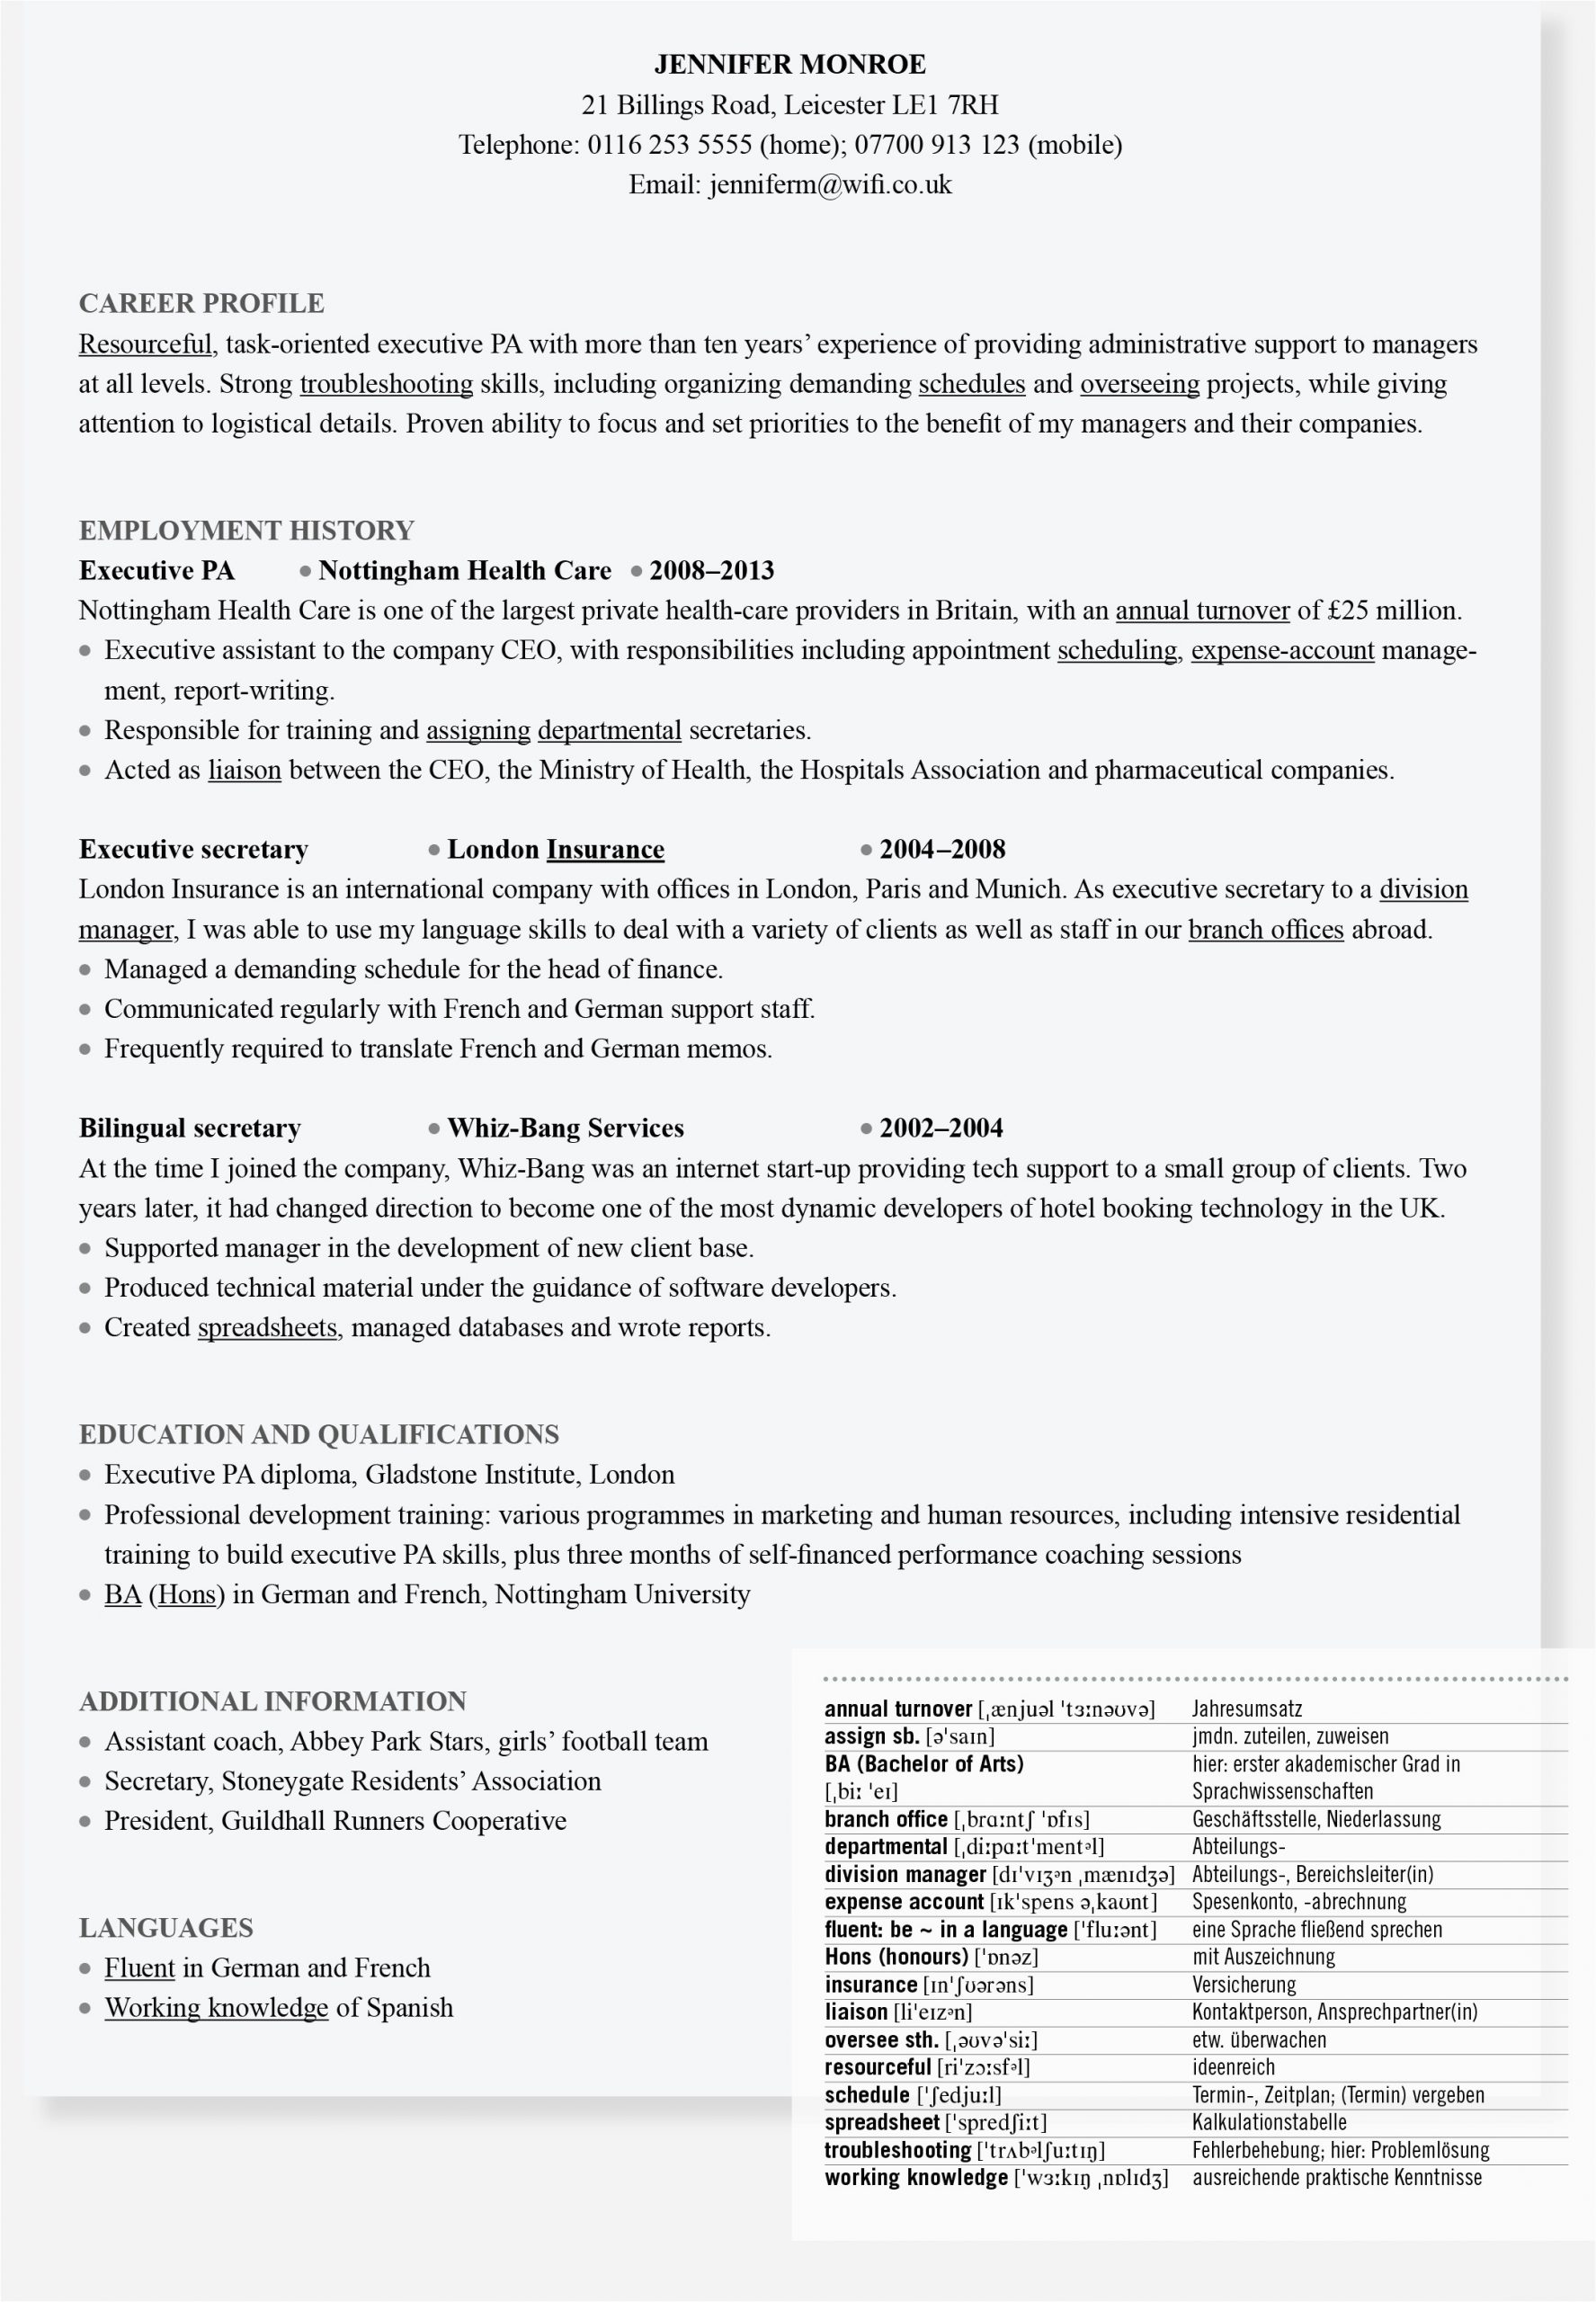 Lebenslauf Englisch Personal Profile so Schreiben Sie Einen Englischen Lebenslauf